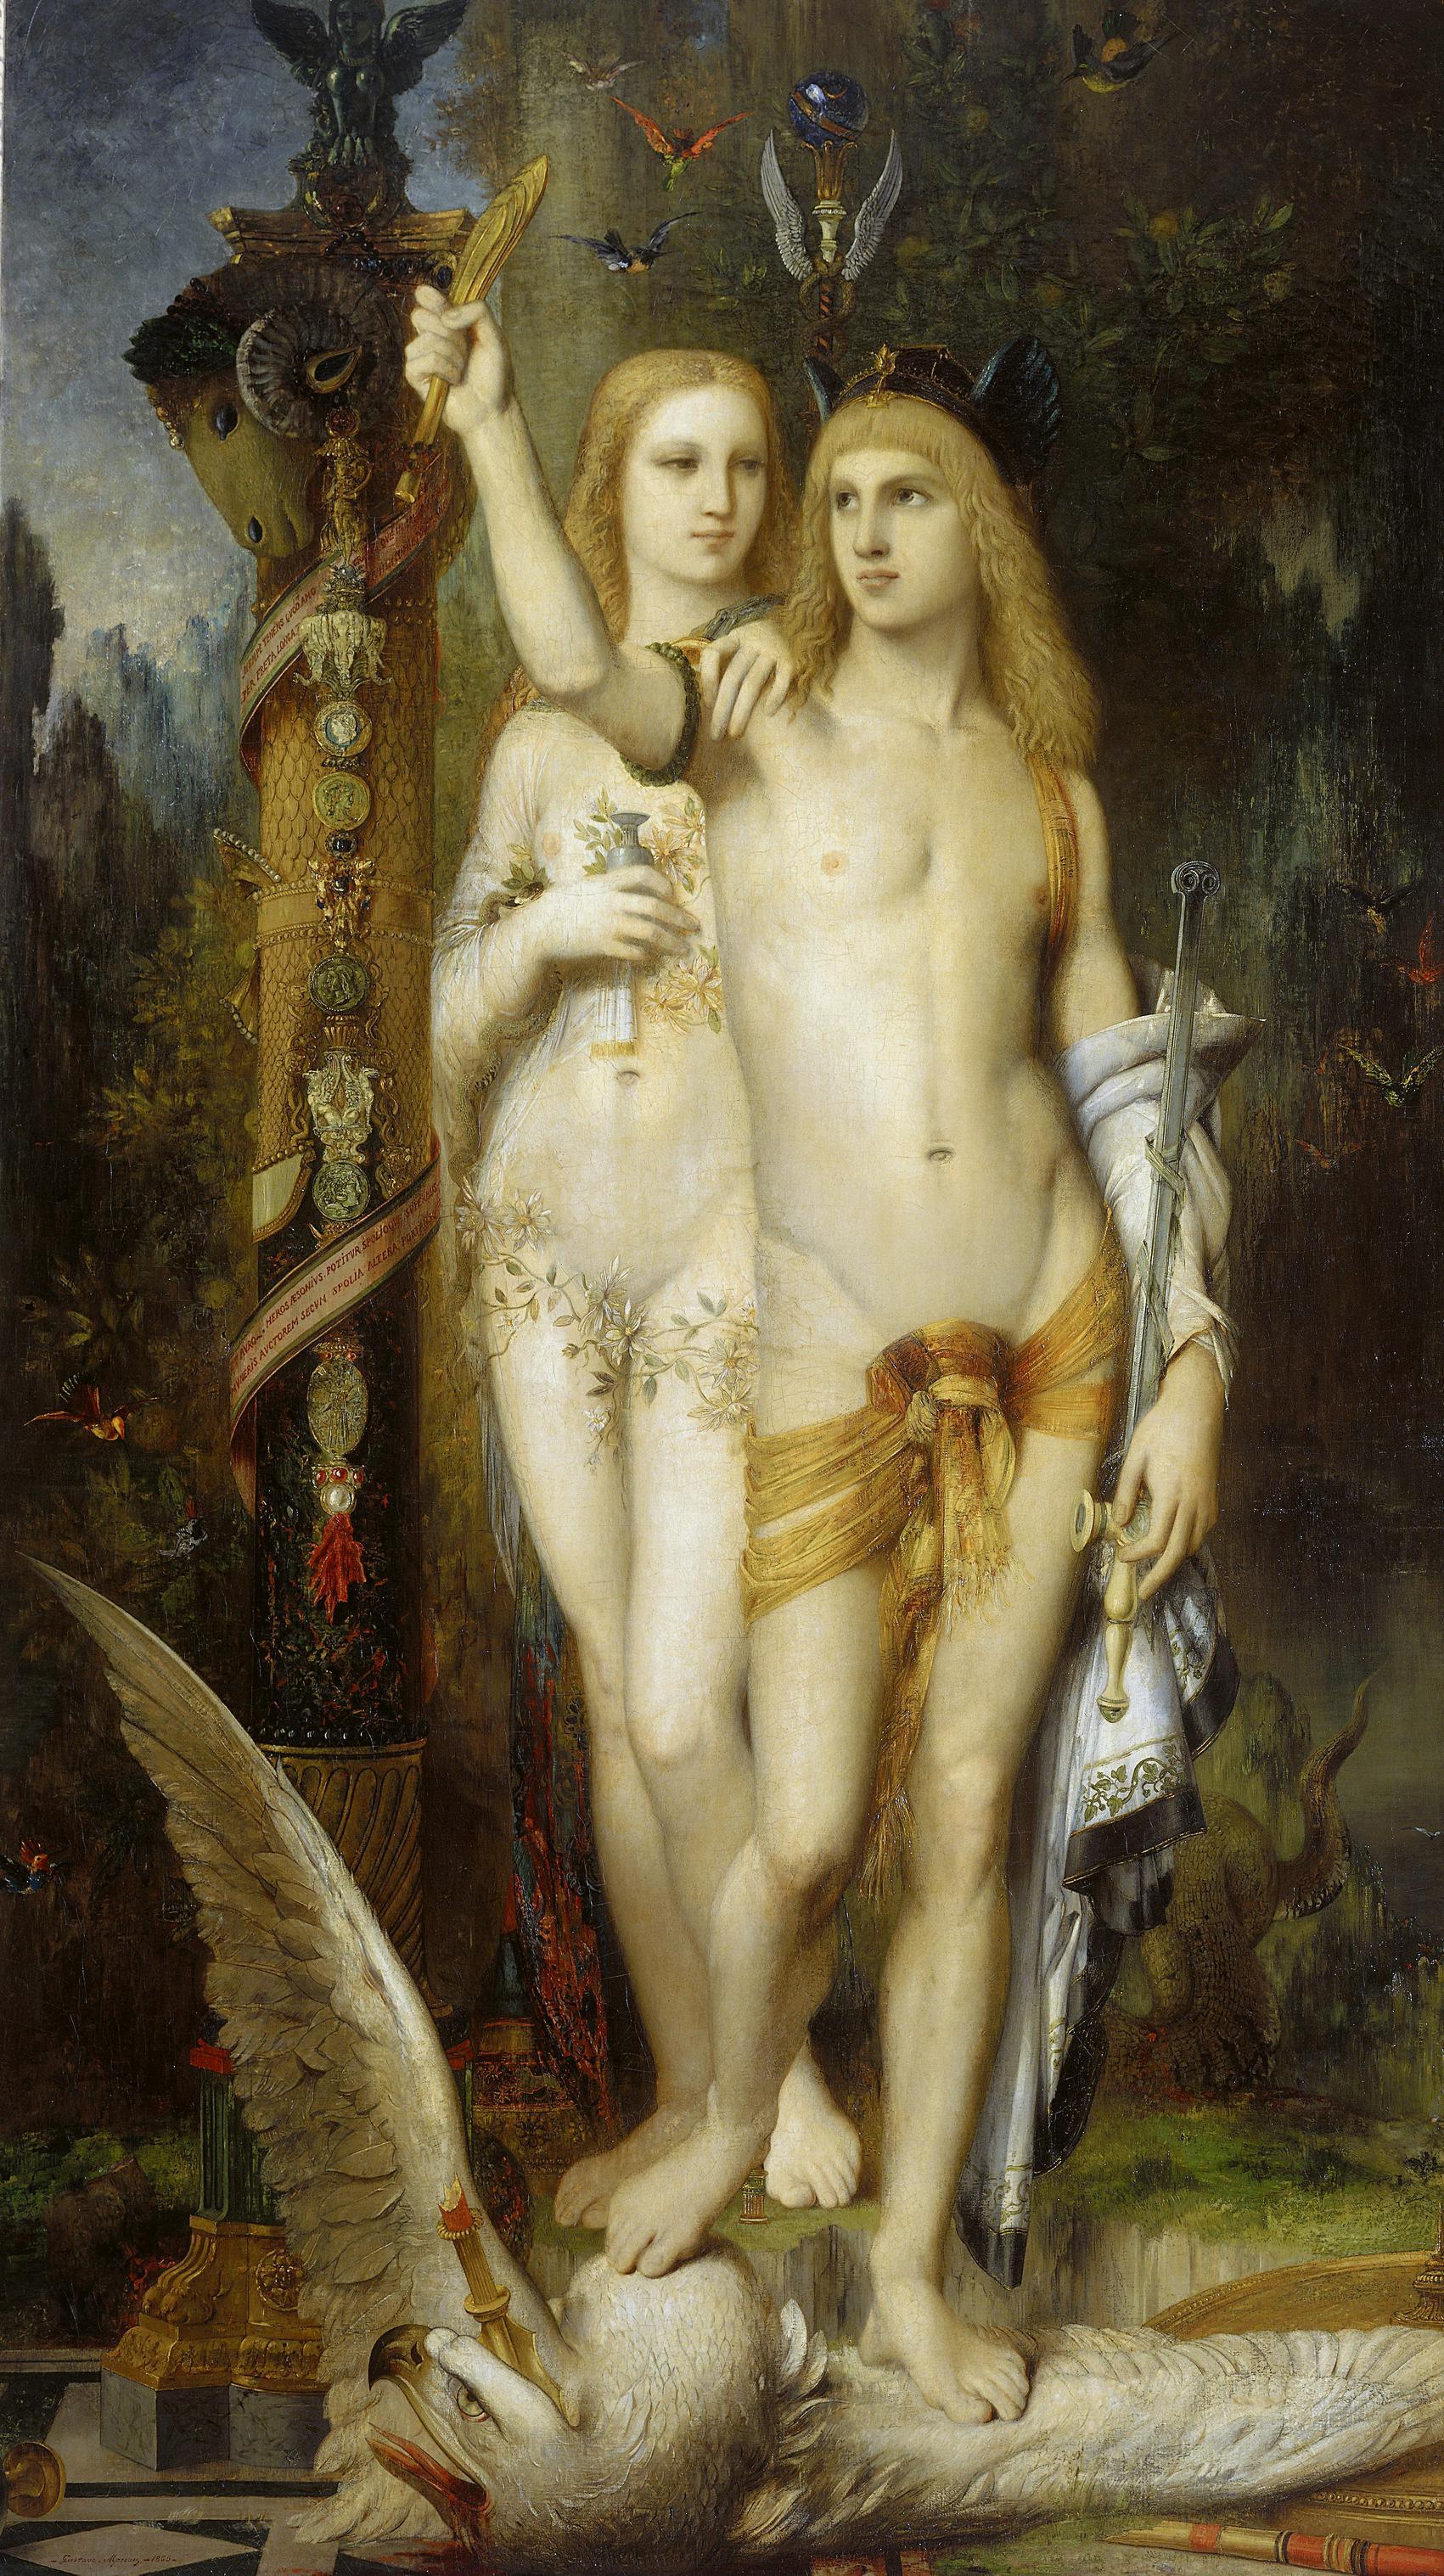 1865_Ясон и Медея (204 х 115.5 см) (Париж, музей Орсэ)